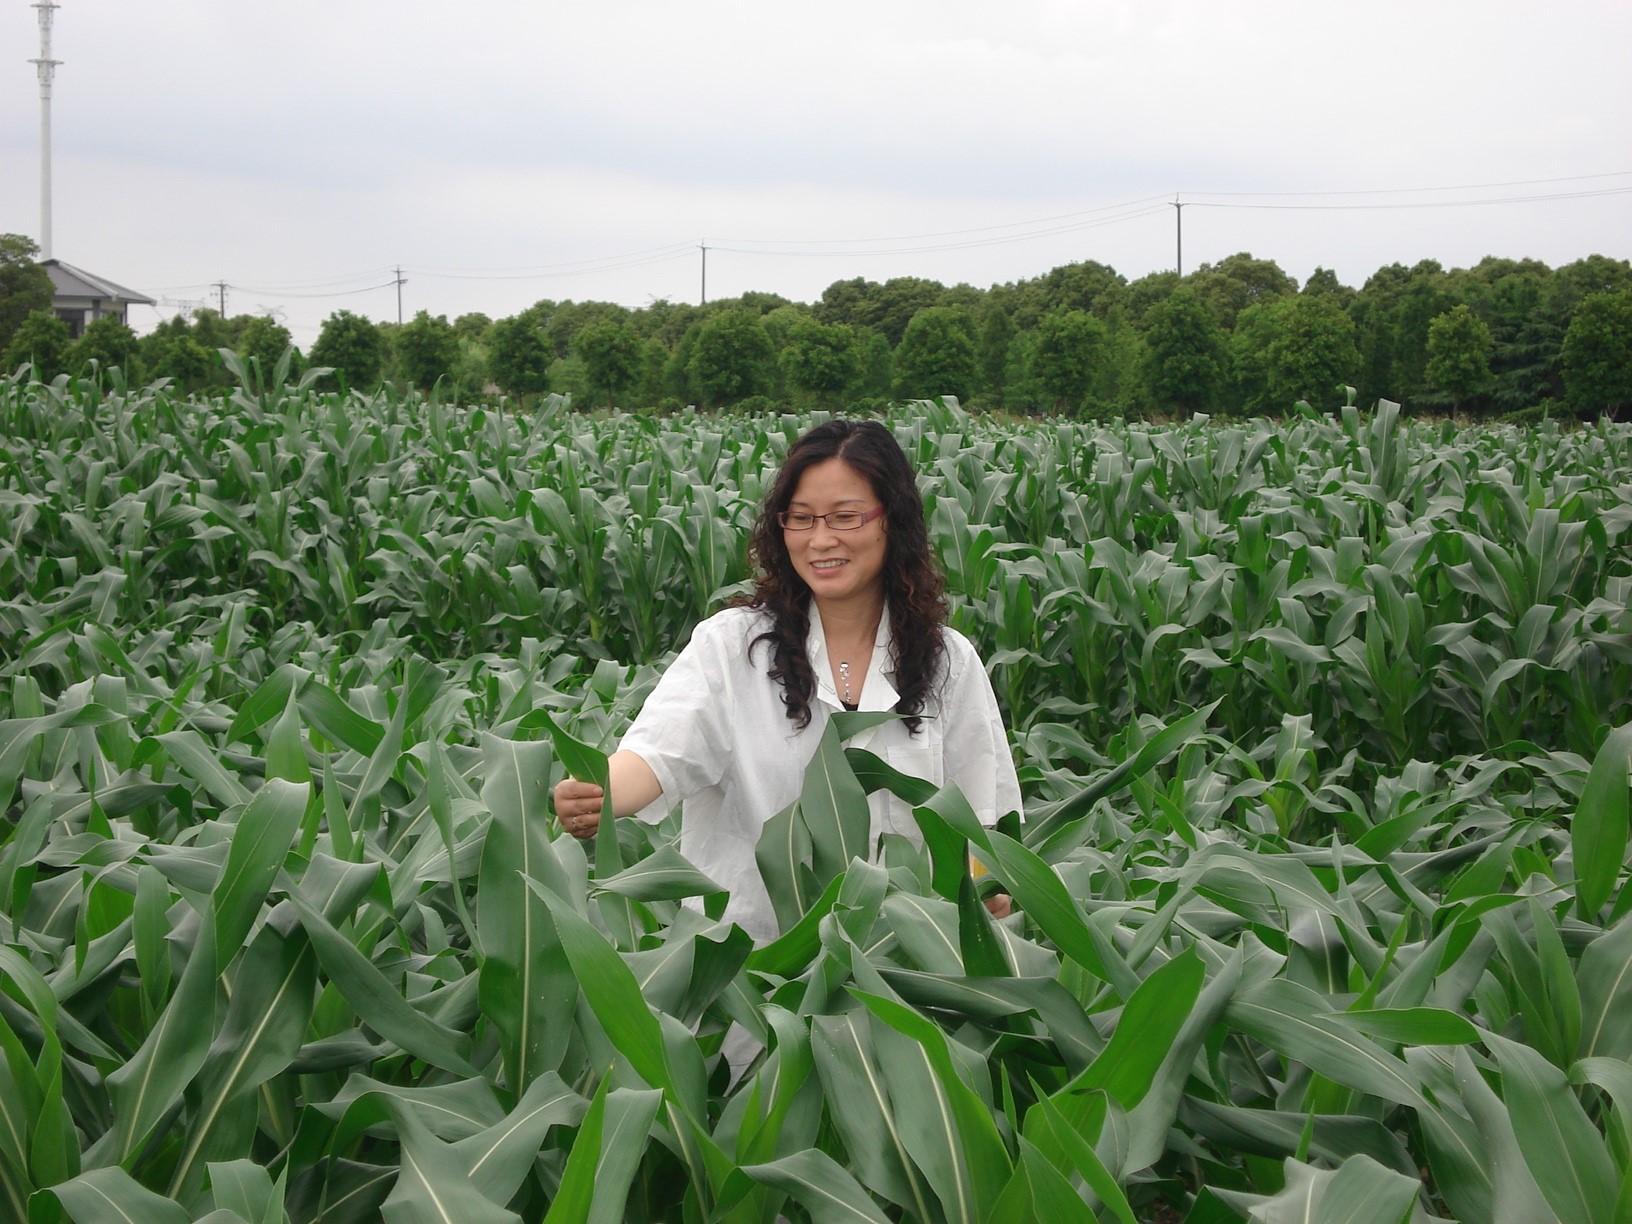 沈雪芳 研究员 玉米遗传育种、栽培和分子生物学